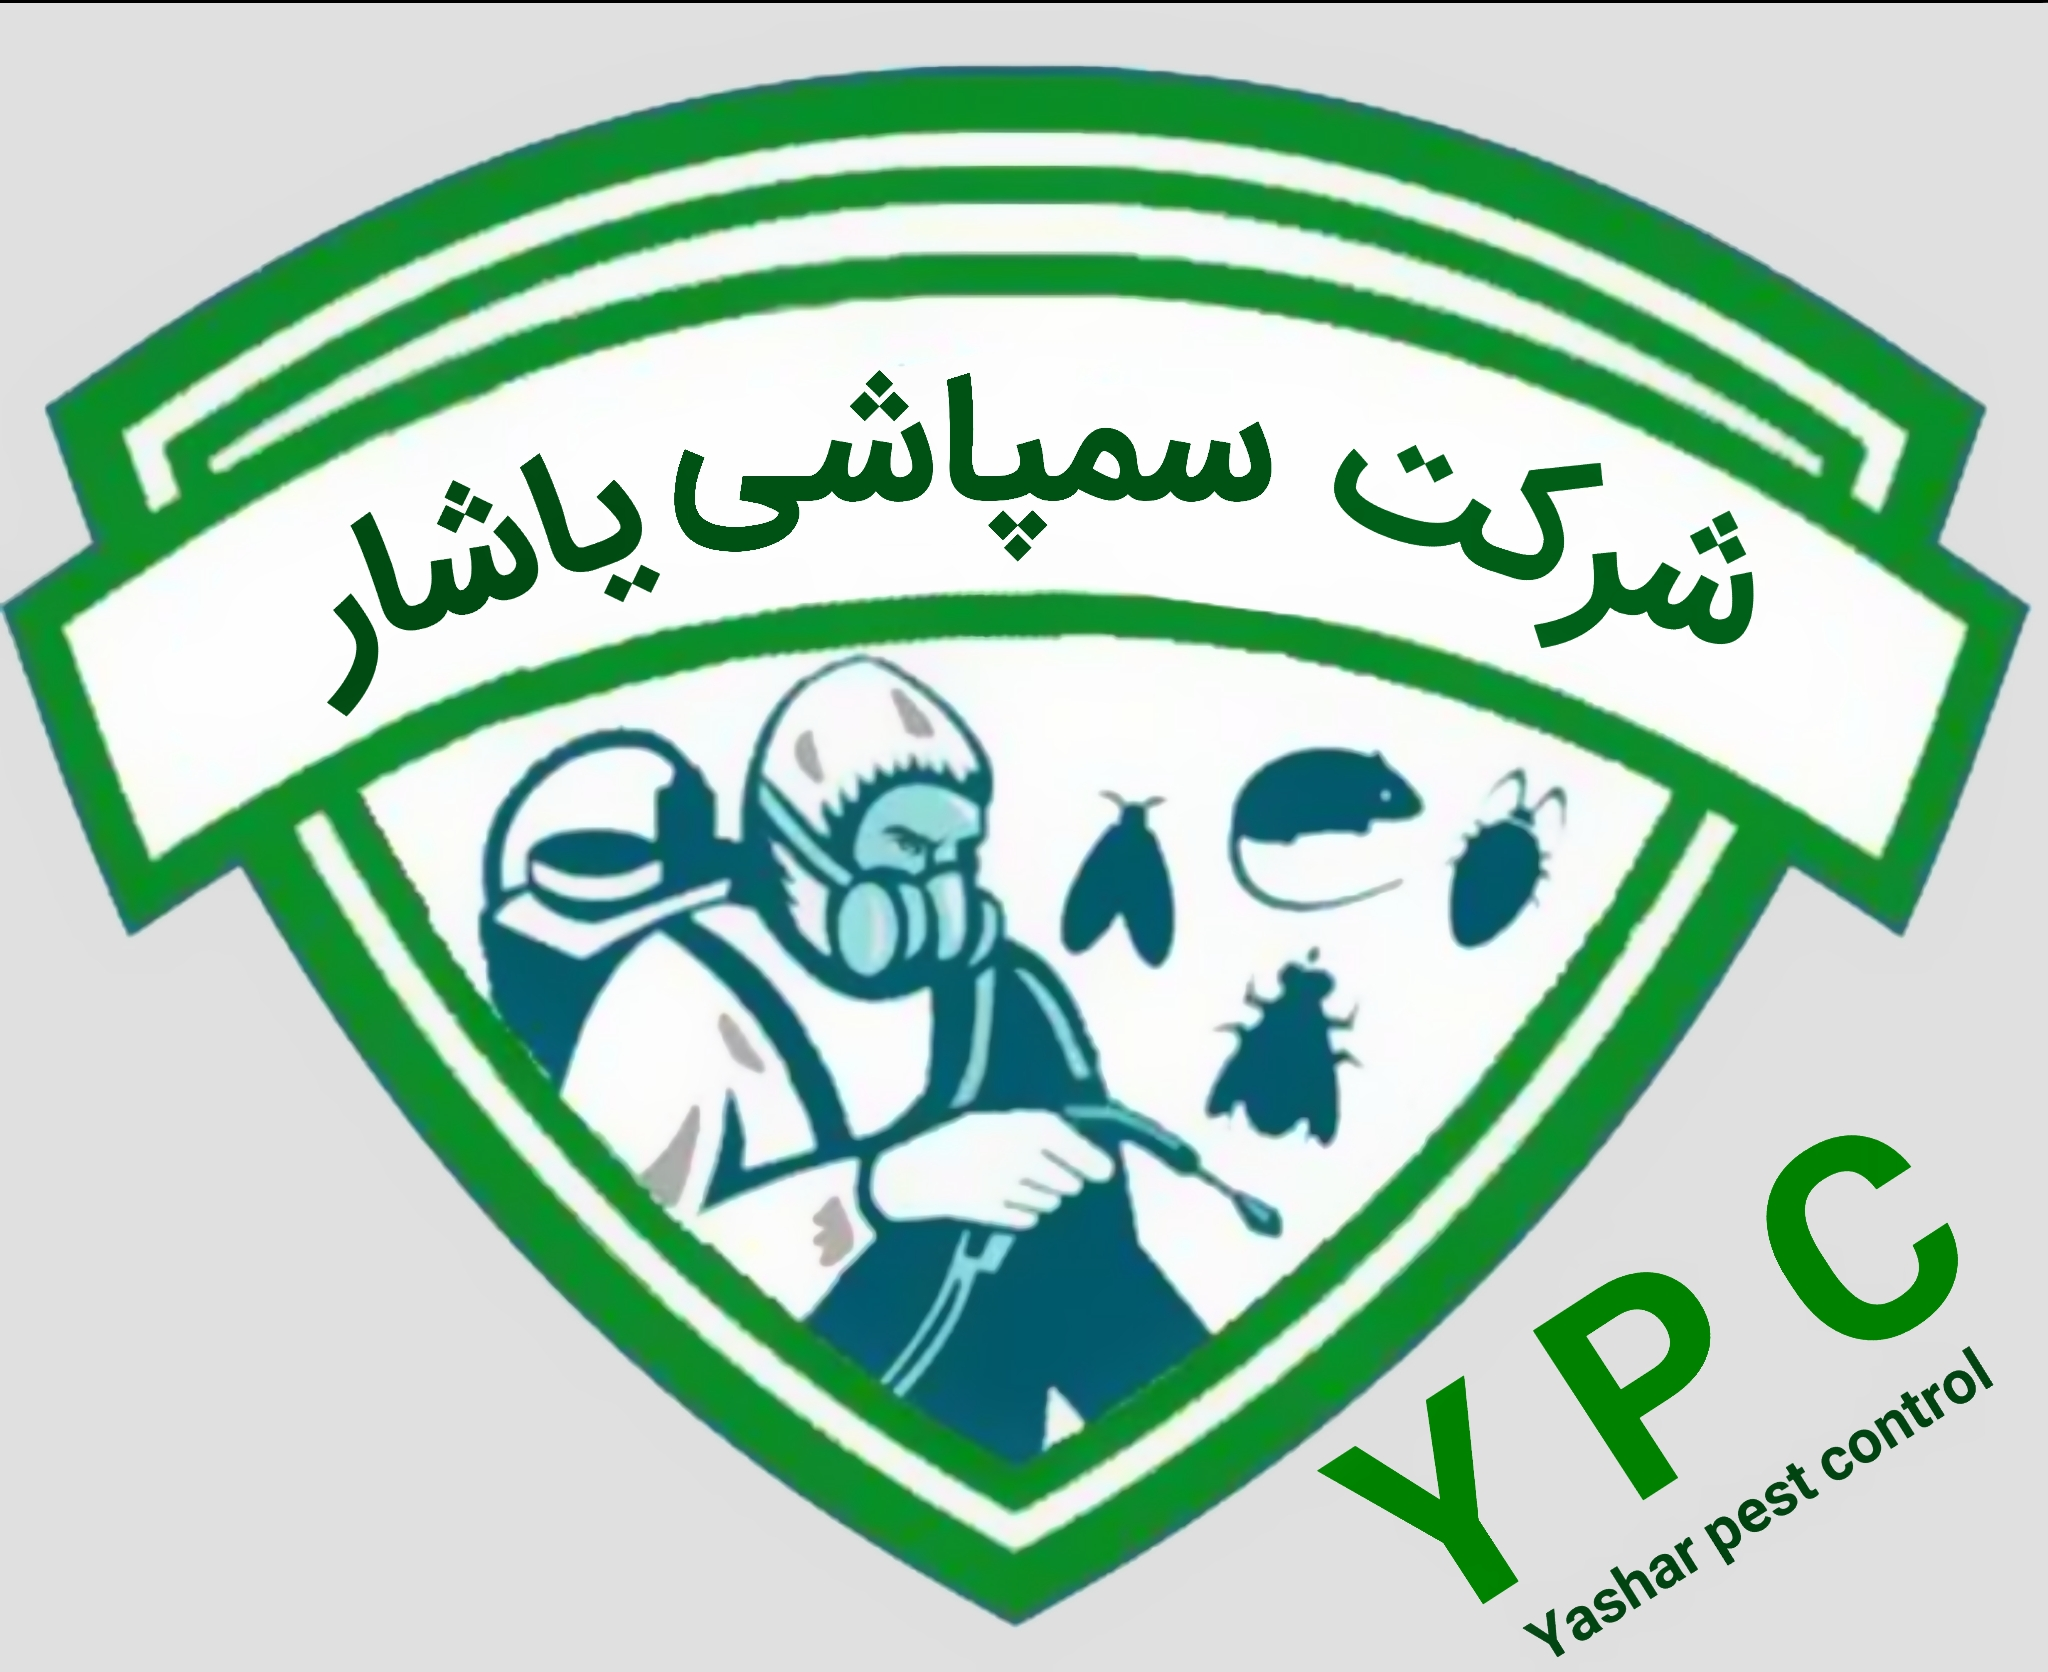 شرکت سمپاشی یاشار